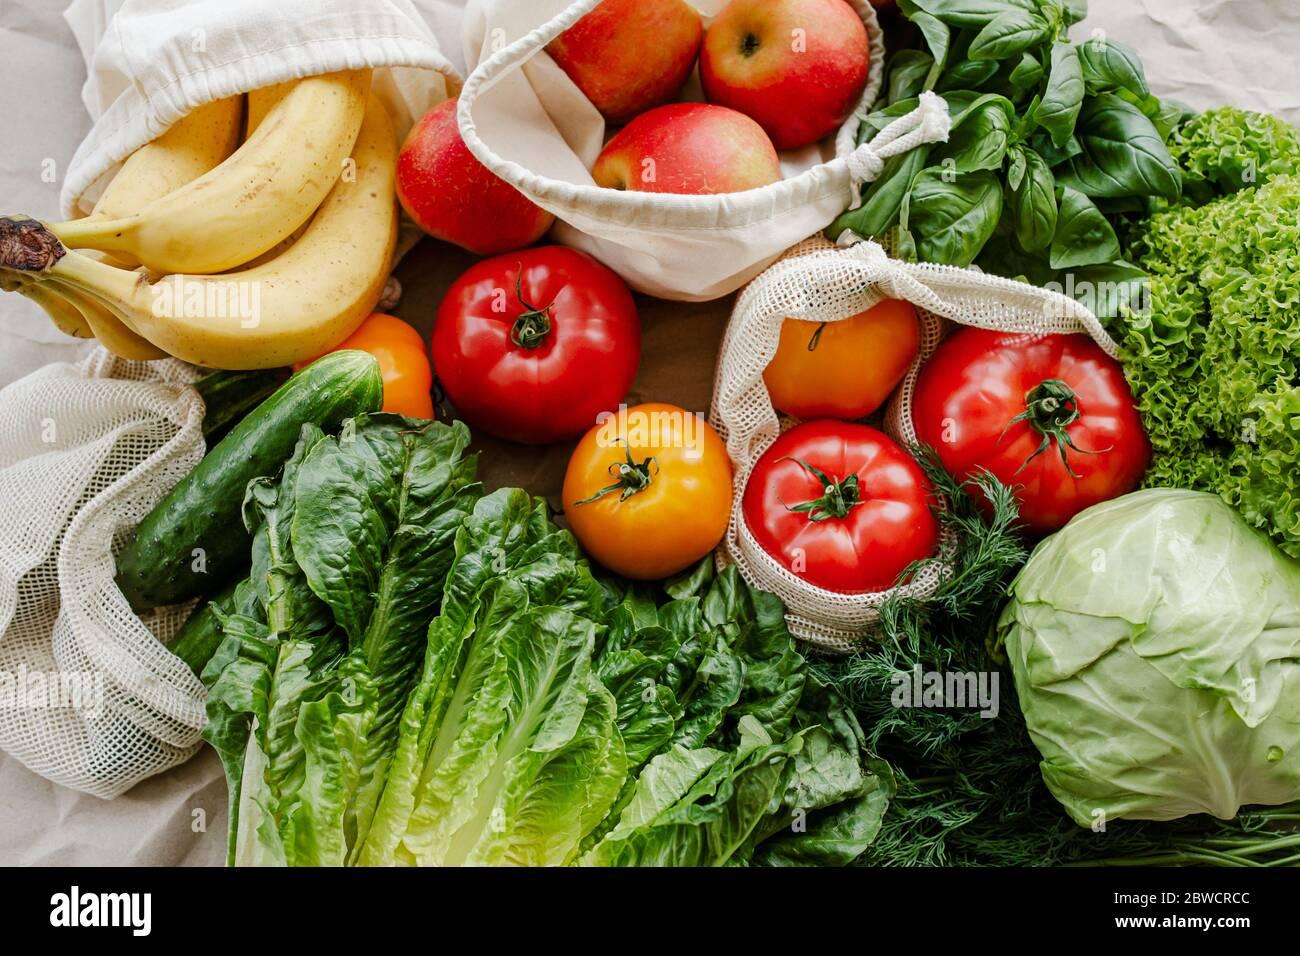 Verduras frescas y frutas en bolsas reutilizables de algodón ecológico en la mesa en la cocina. Vida sostenible Foto de stock